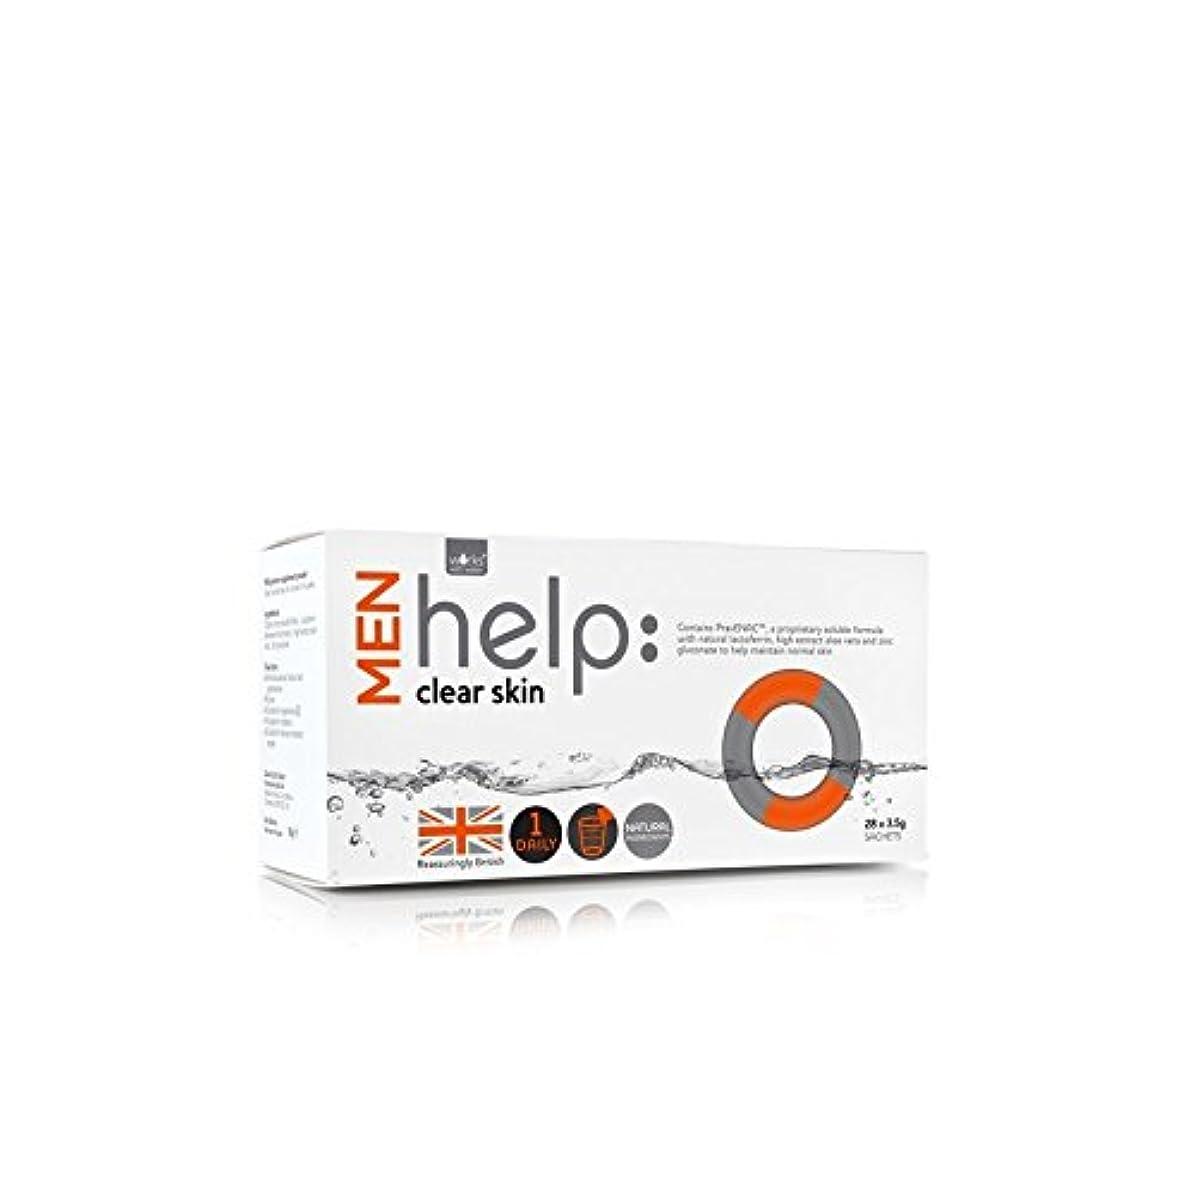 報復する操作キャプチャーWorks With Water Men's Help: Clear Skin Soluble Supplement (28 X 3.5G) - クリアな肌可溶性サプリメント(28 3.5グラム):水男性の助けを借りて動作...